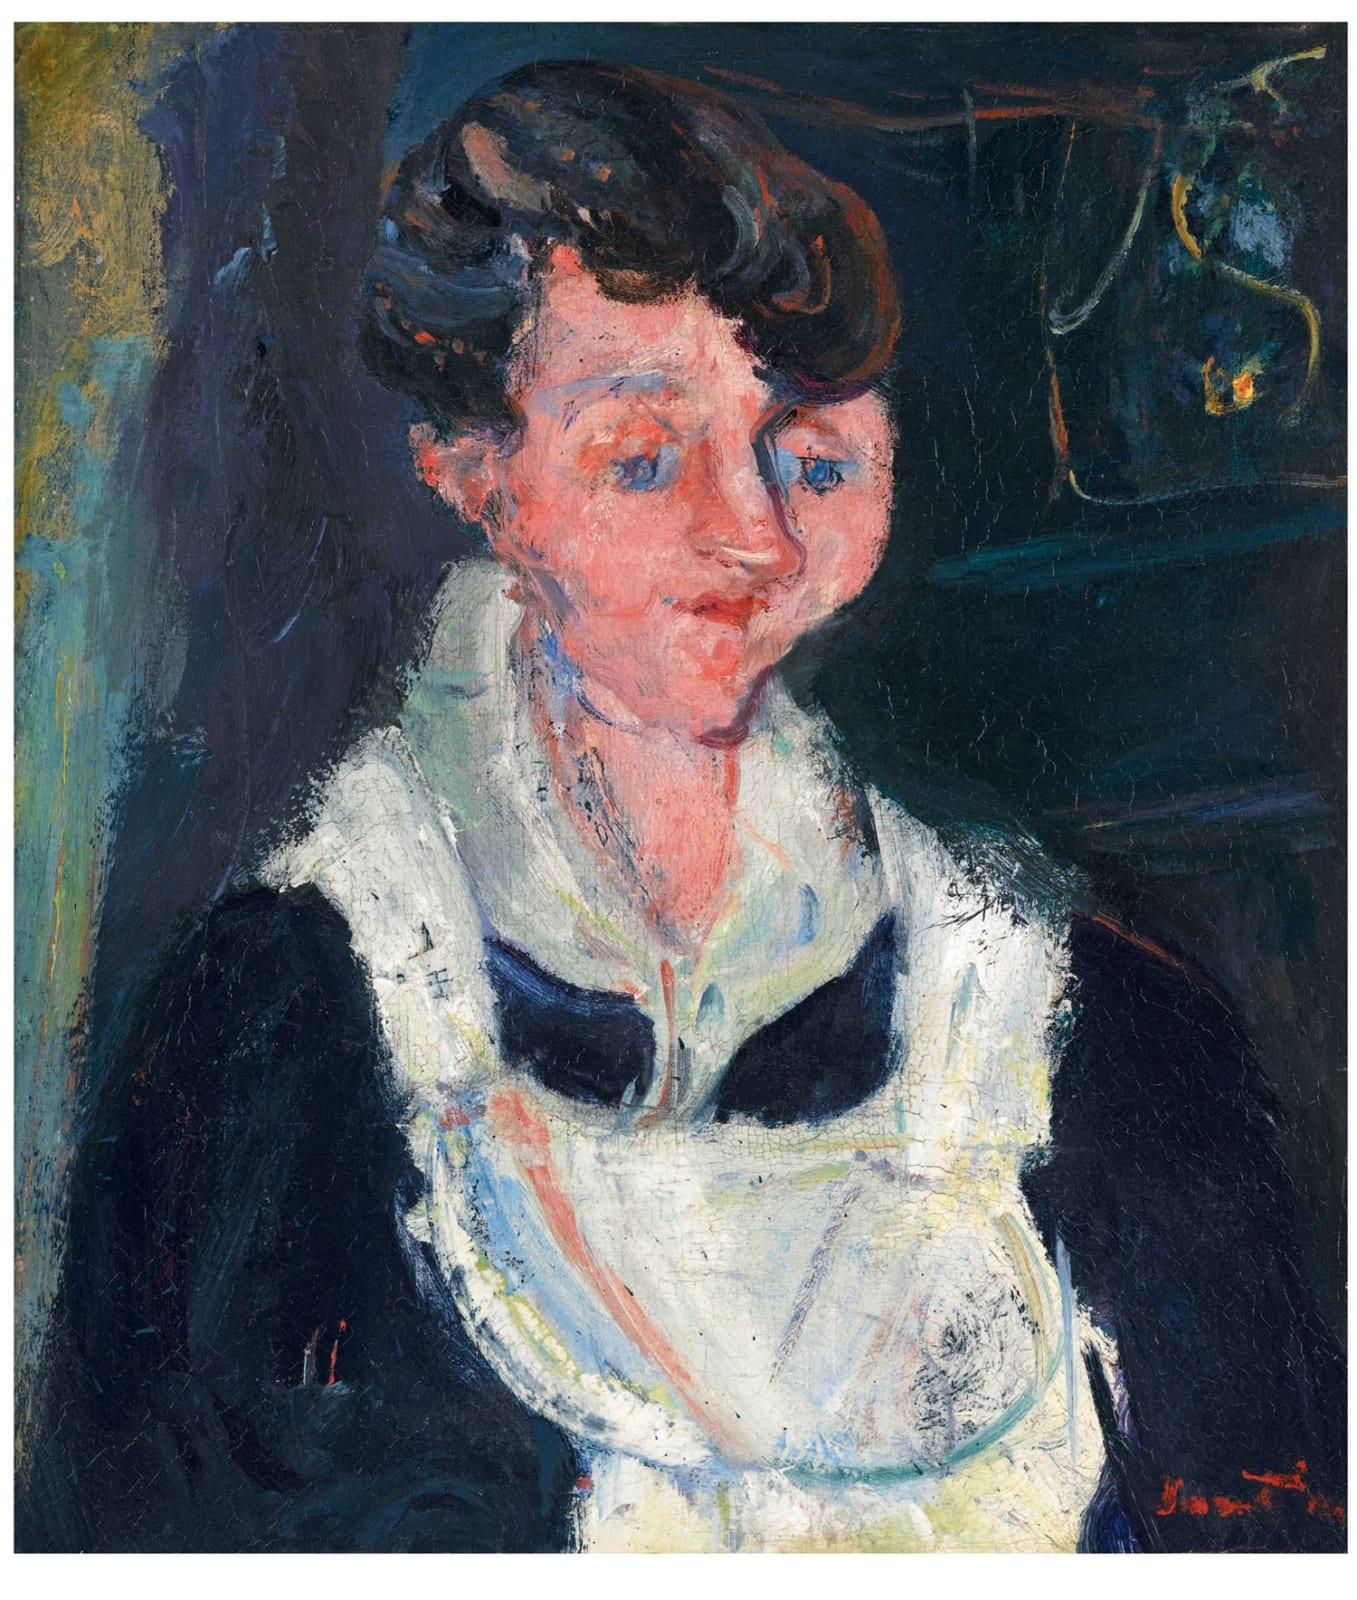 Jeune Servante (Waiting Maid, also known as La Soubrette) by Chaïm Soutine (1893-1943), c.1933. Oil on canvas.